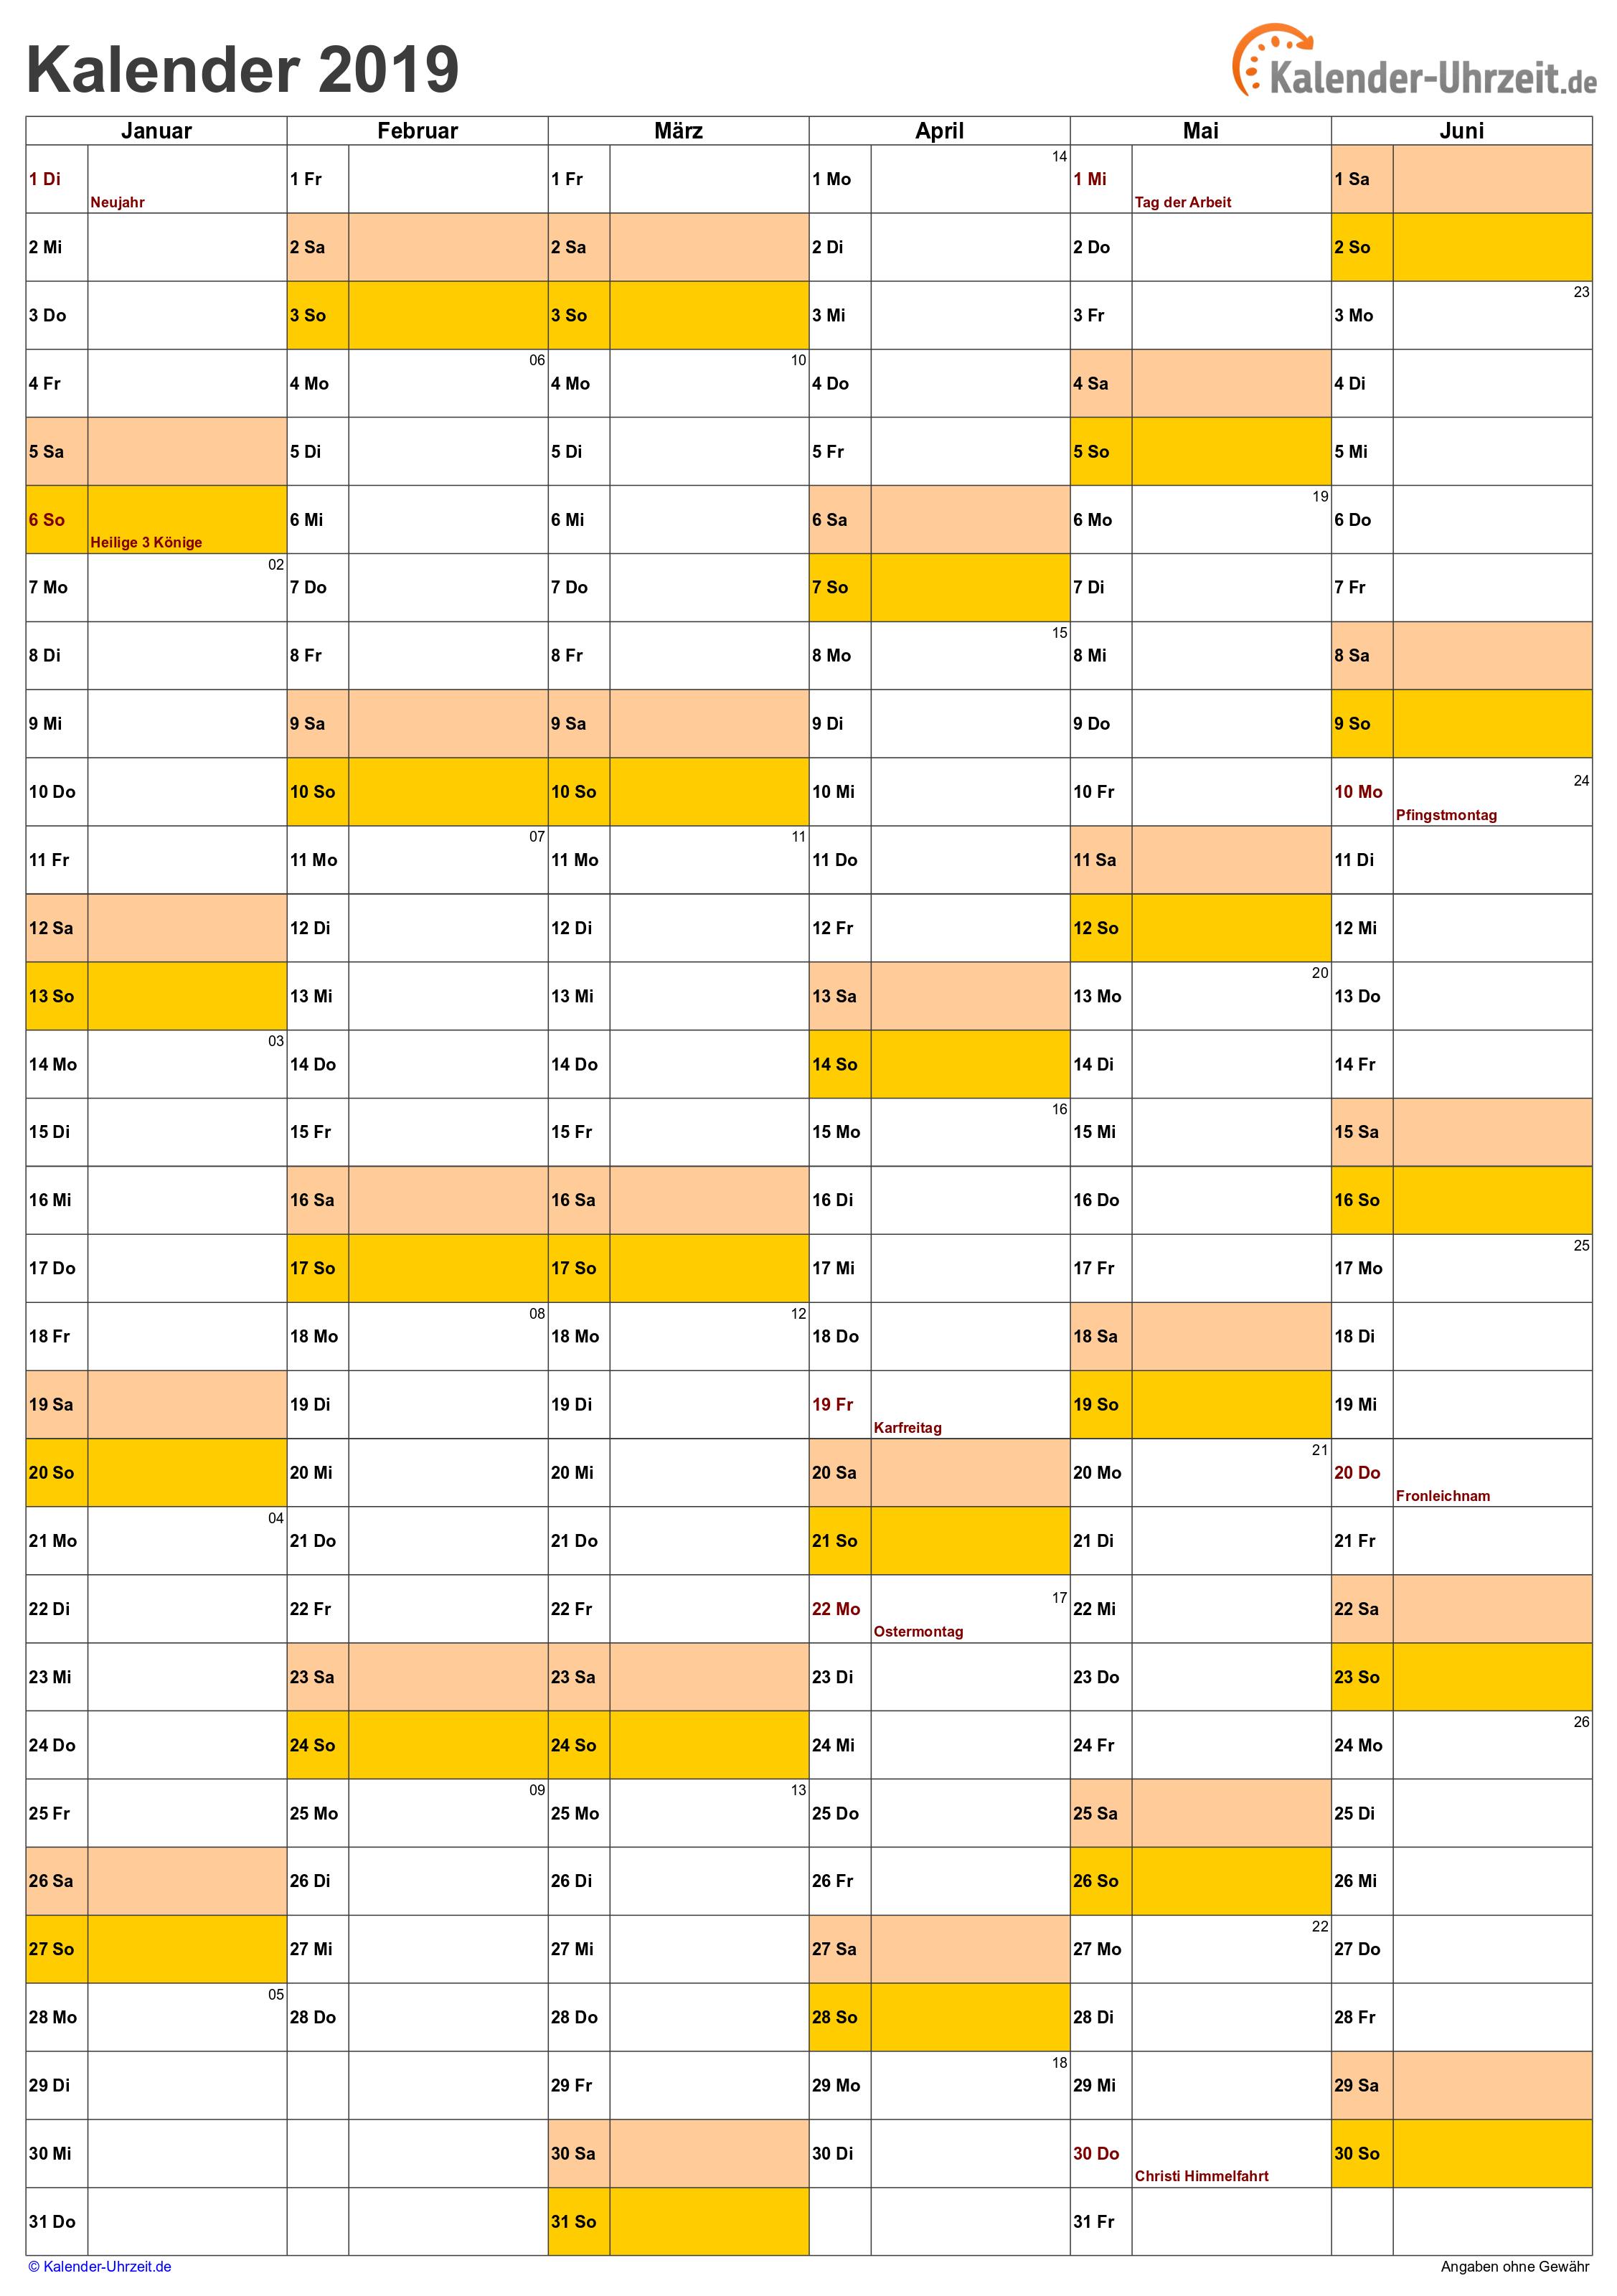 Kalender 2019 Zum Ausdrucken Gratis Vorlagen Zum Download Kalender 2017 Ausdrucken 2019 Kalender